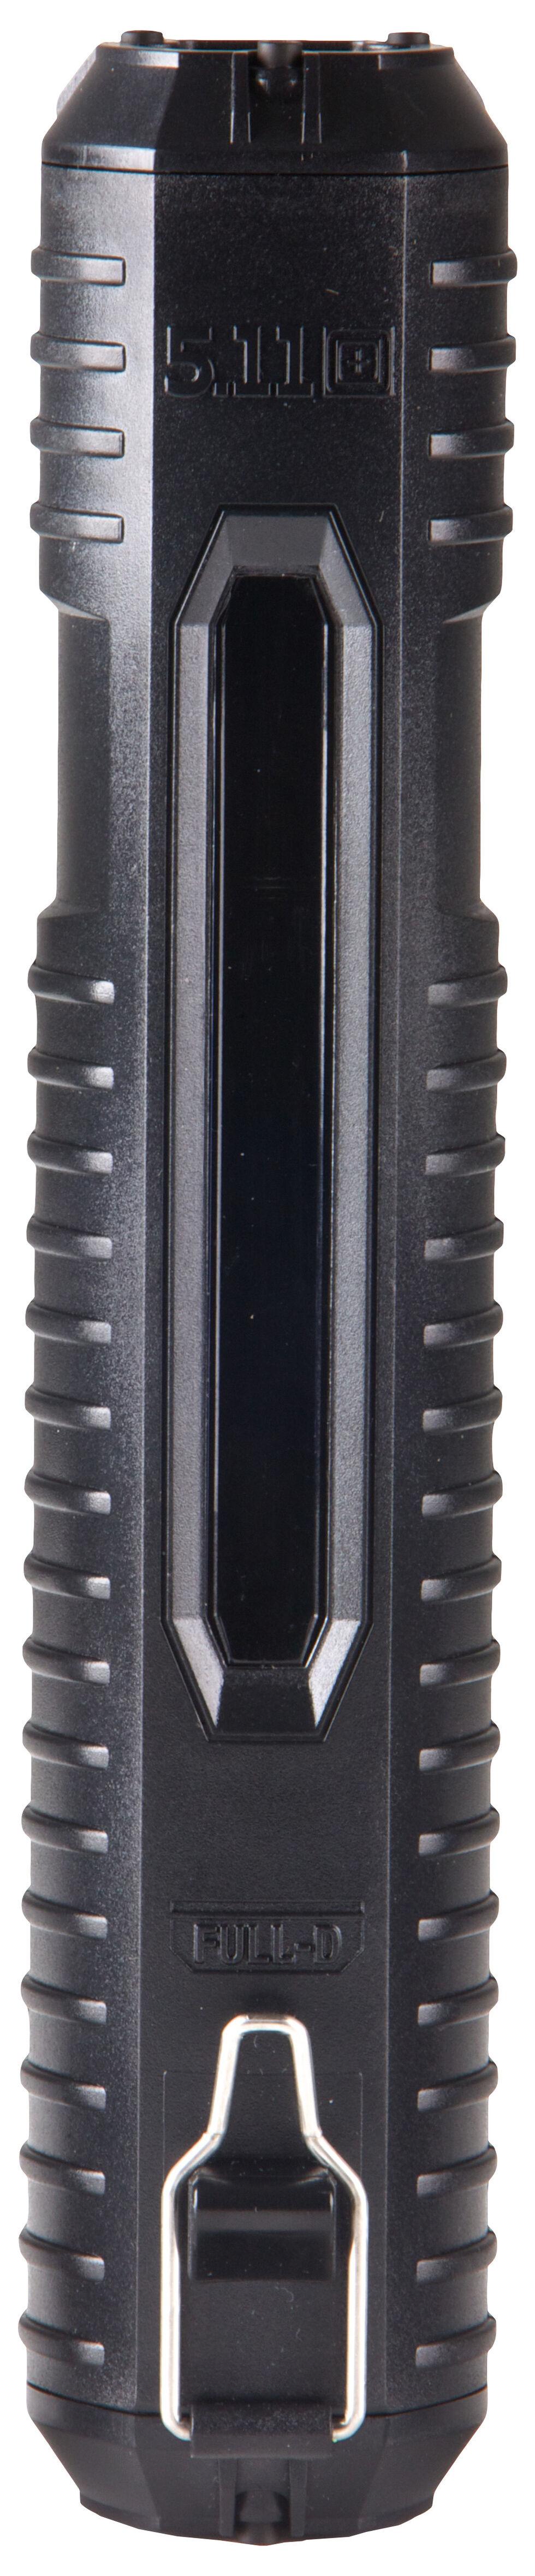 5.11 Tactical Battery Charging Holder, Full D for TPT R7, Black, hi-res